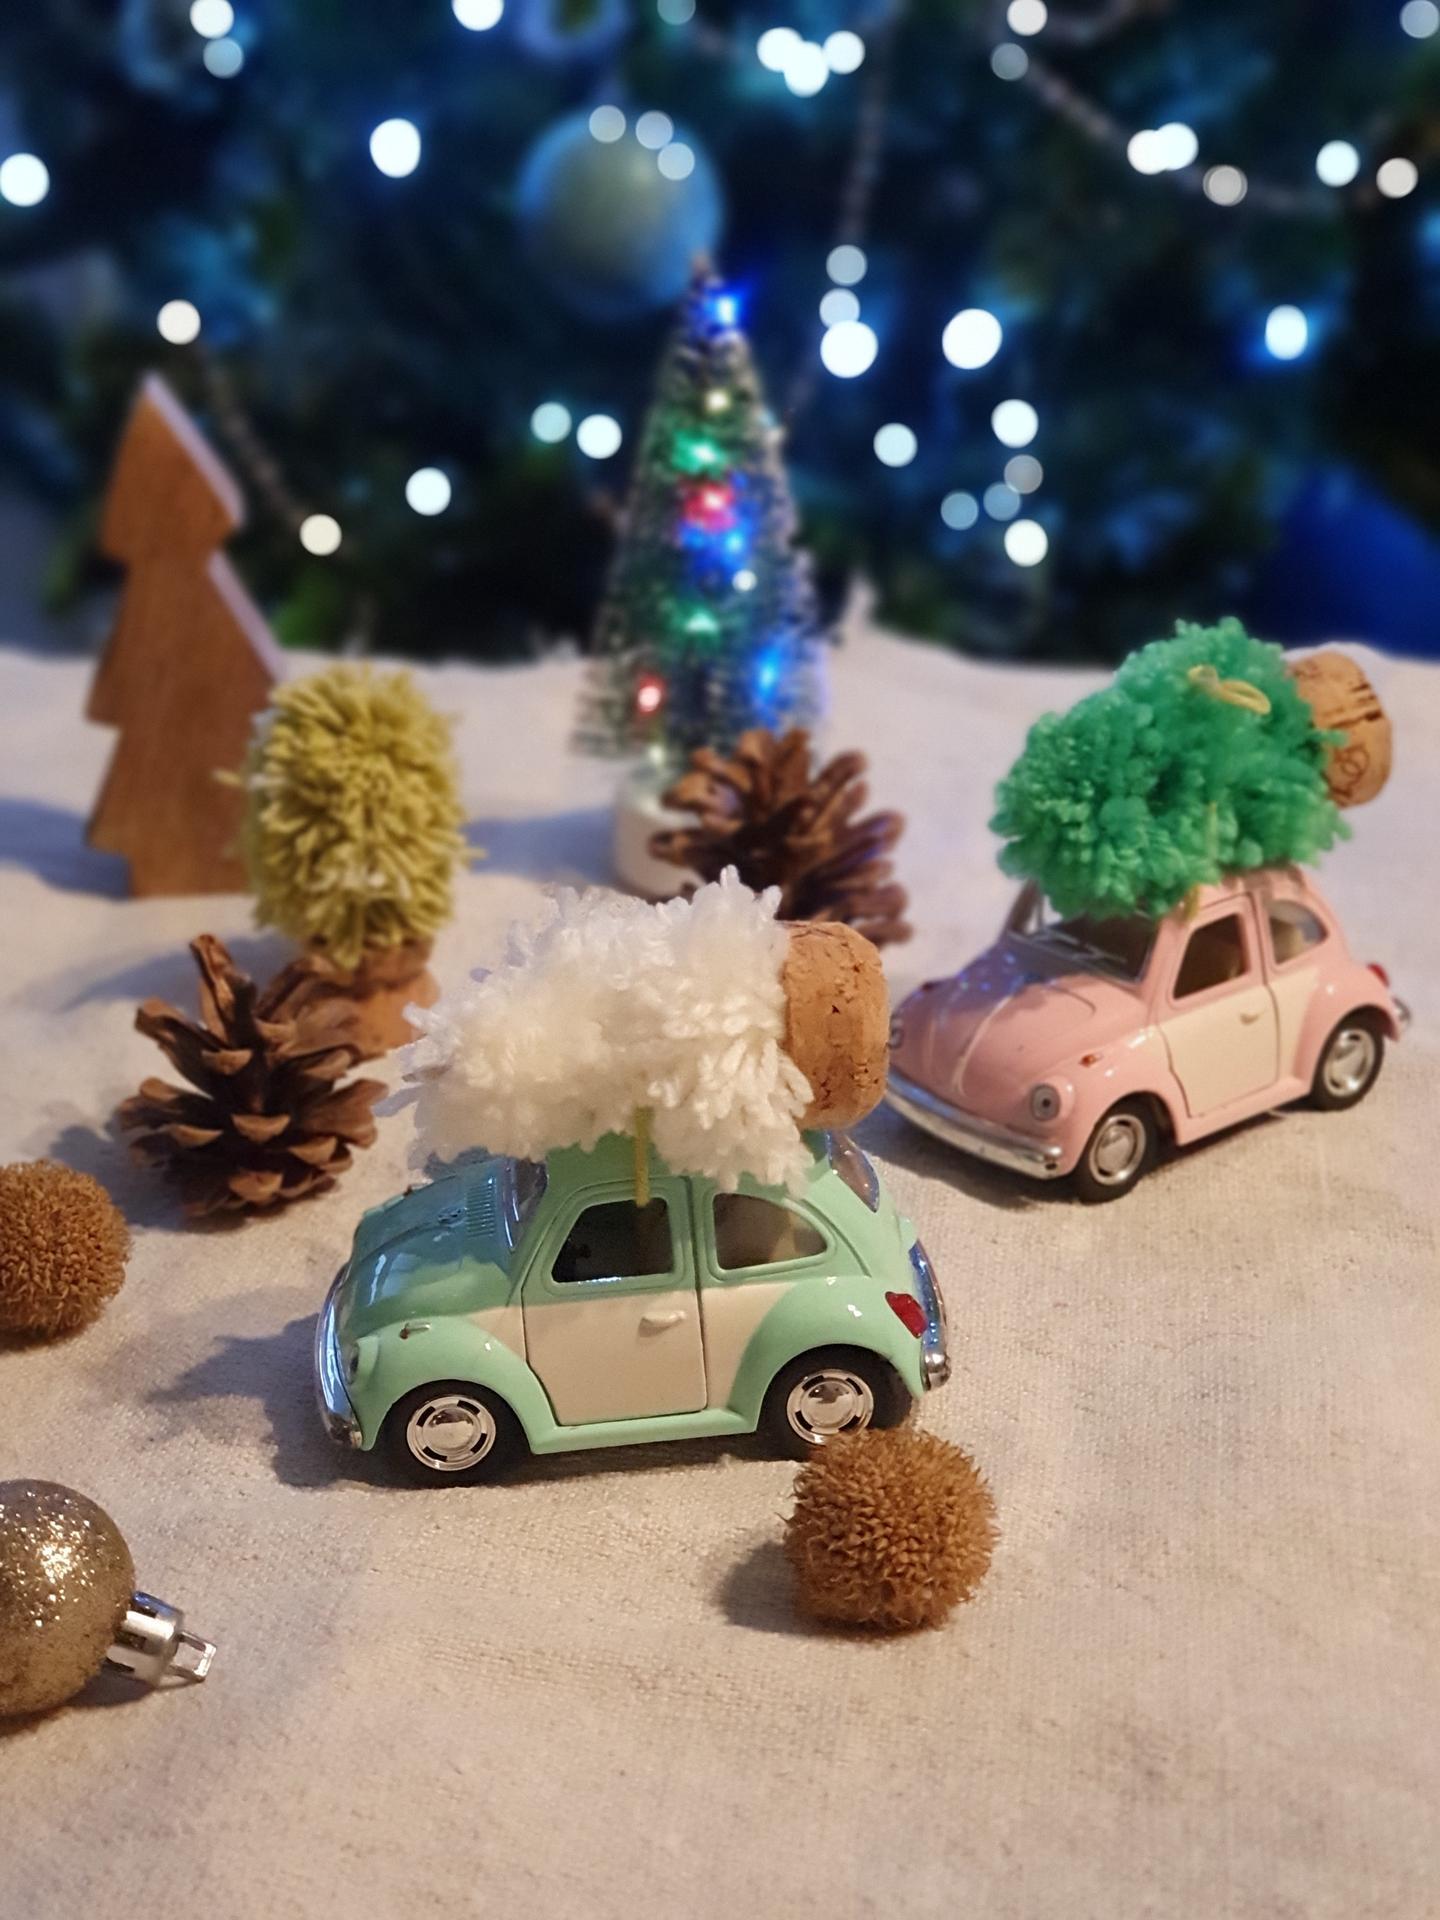 Vianočné dekorácie/Vianočná inšpirácia - Obrázok č. 10